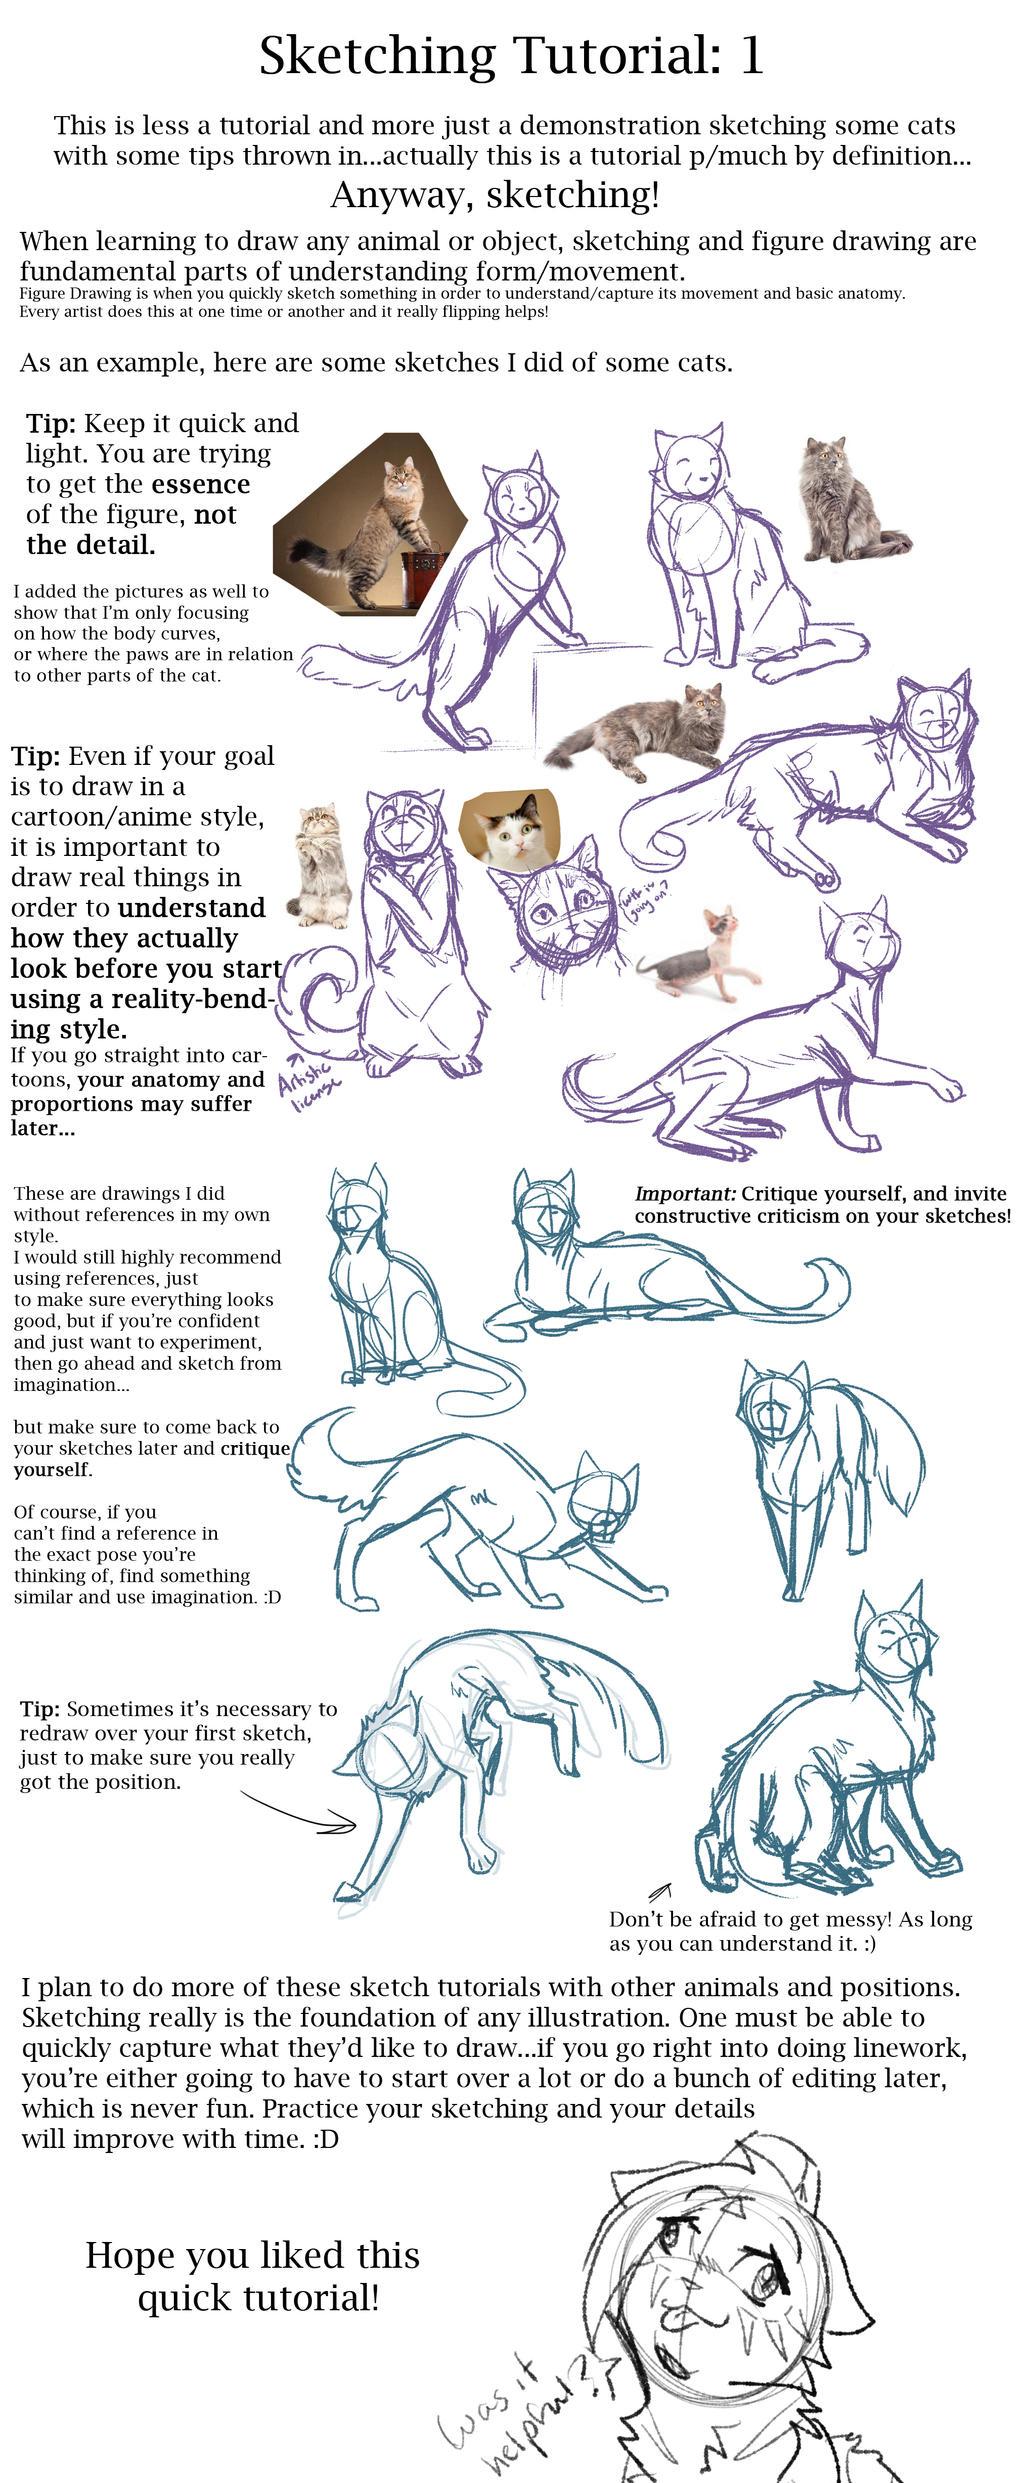 Sketch Tutorial #1 By Riverspirit456 Sketch Tutorial #1 By Riverspirit456